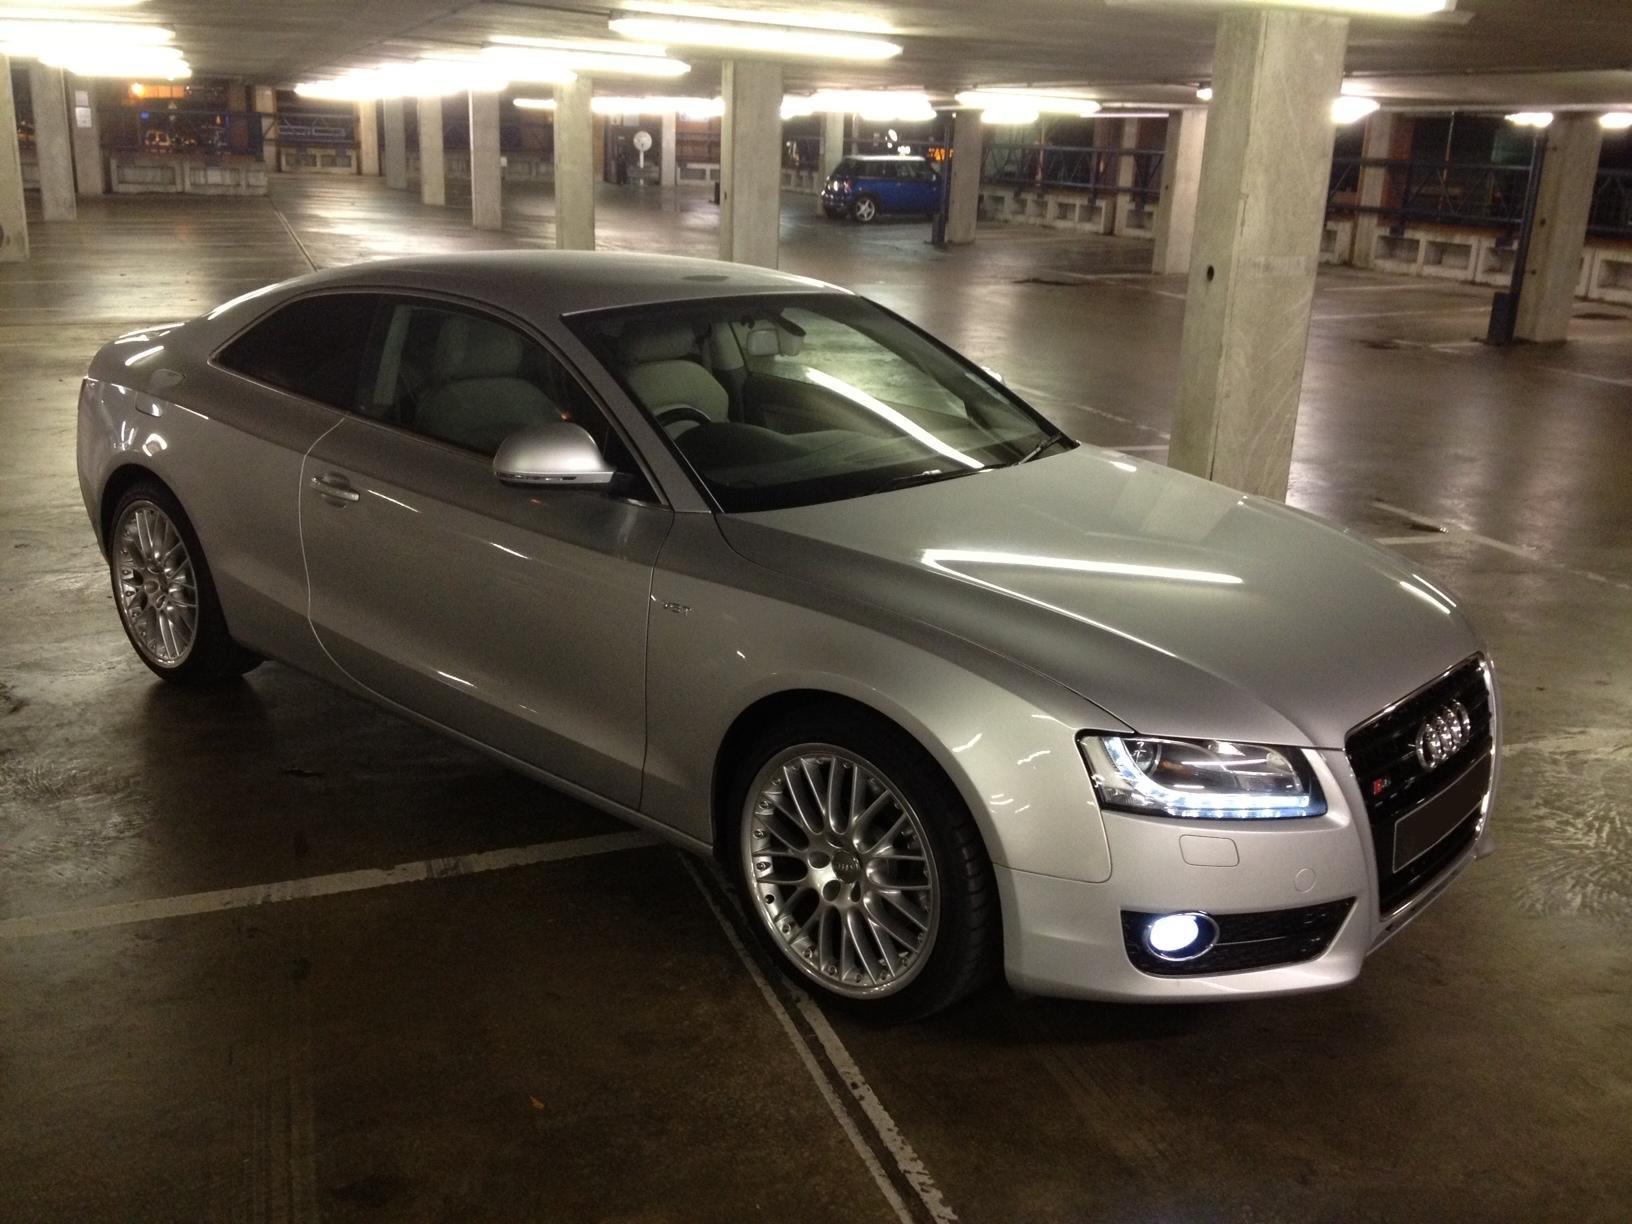 Audi A5 19 Speedline Alloys Audi A5 Forum Audi S5 Forum